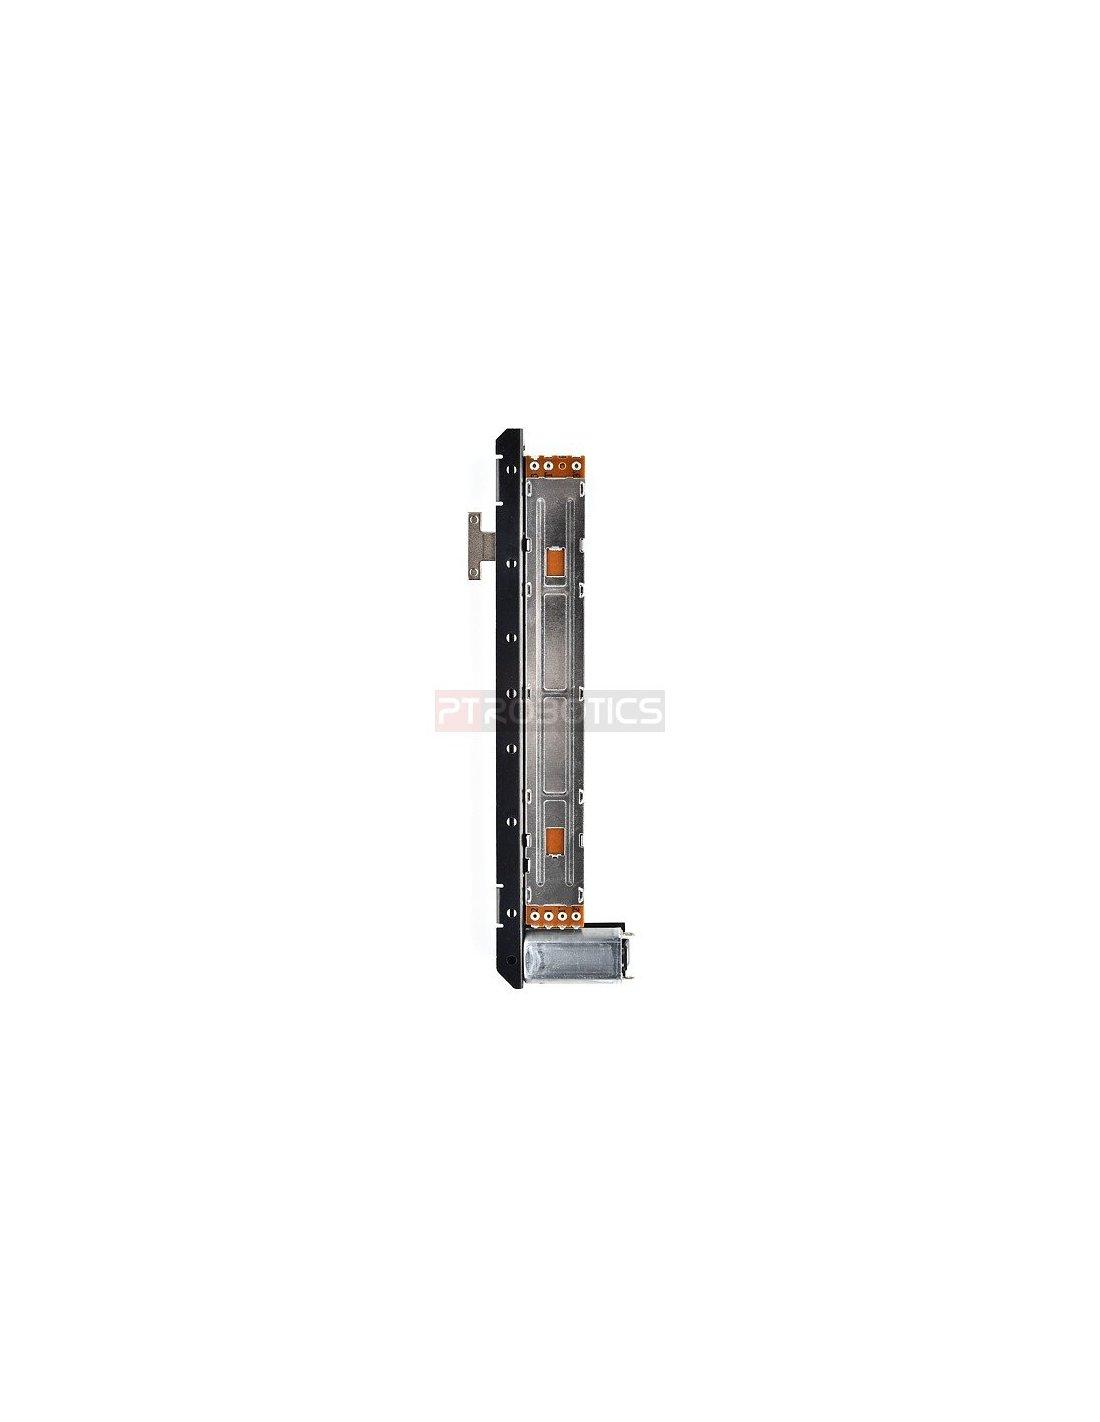 Slide Pot Motorized 10k Audio Taper Log